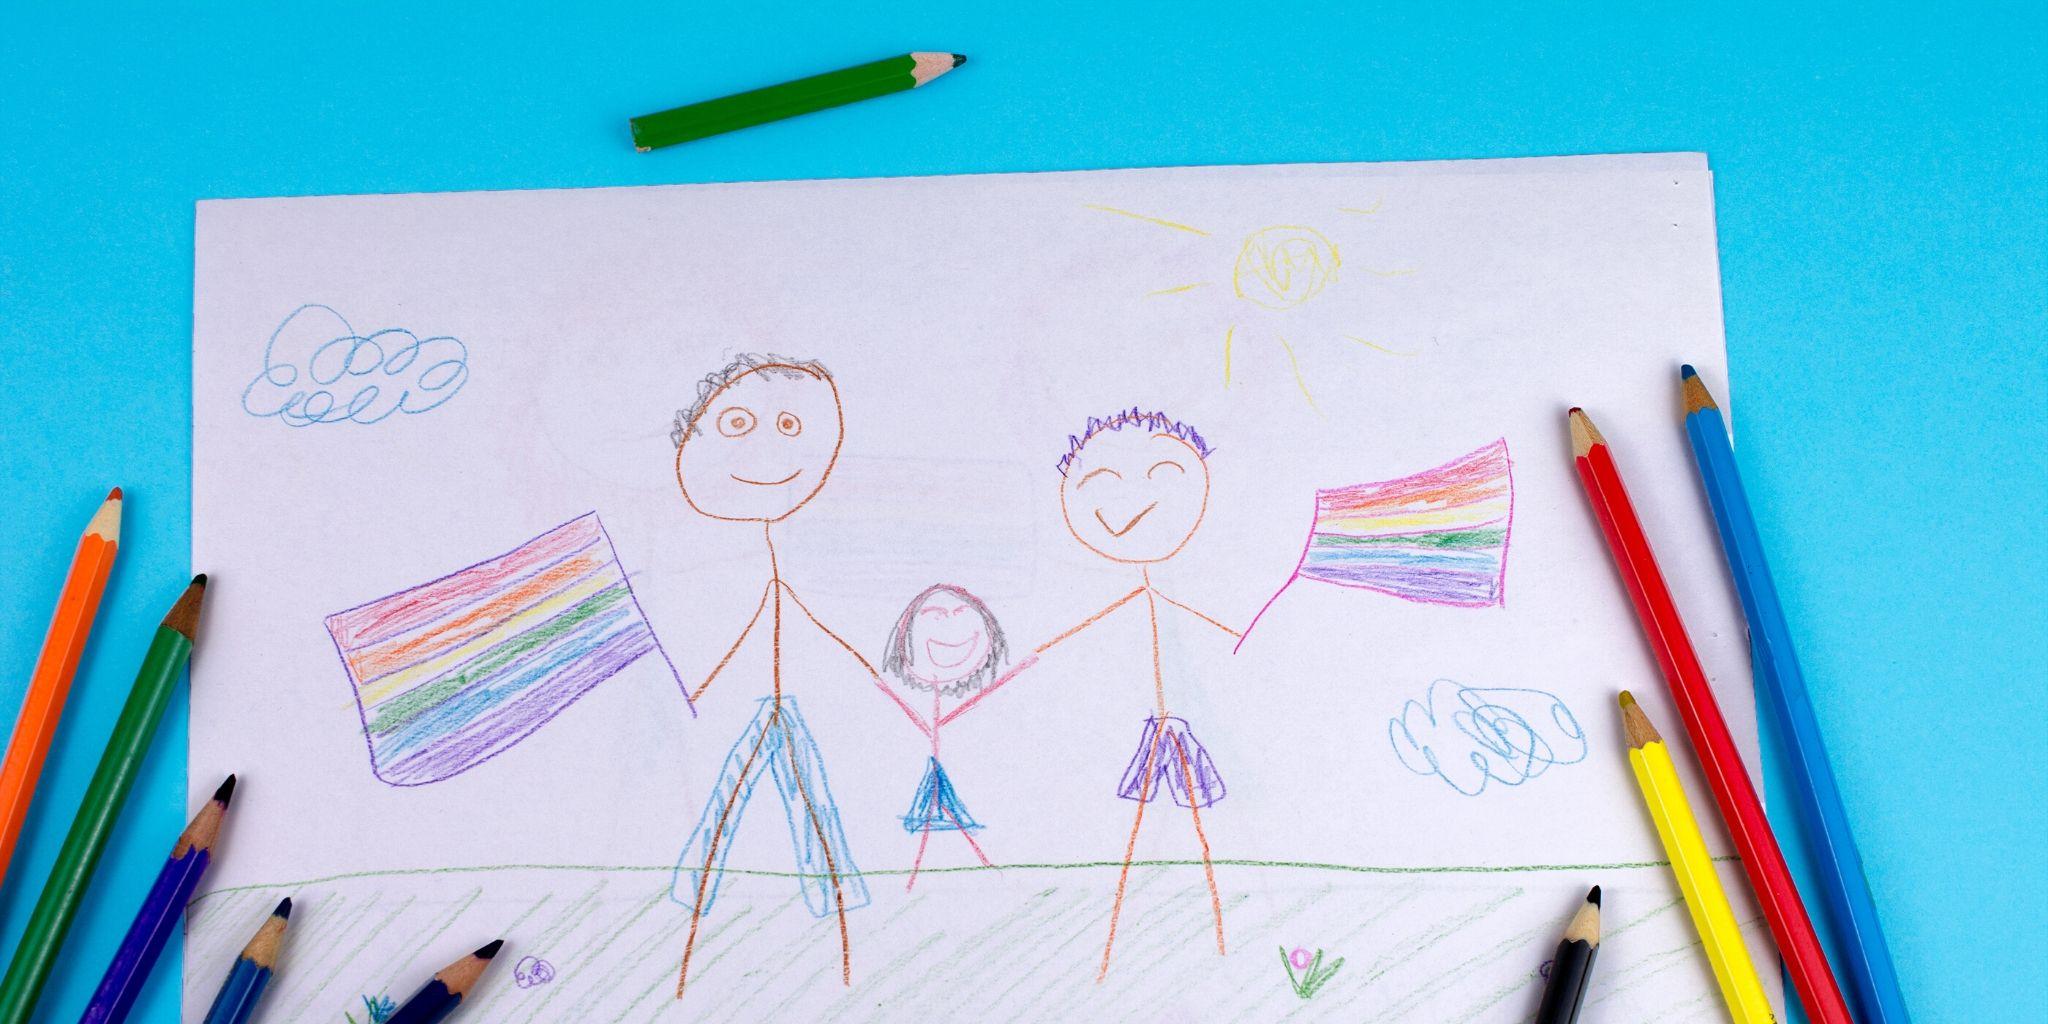 Staršem otrok, ki so lezbijke, geji, biseksualne, transspolne osebe